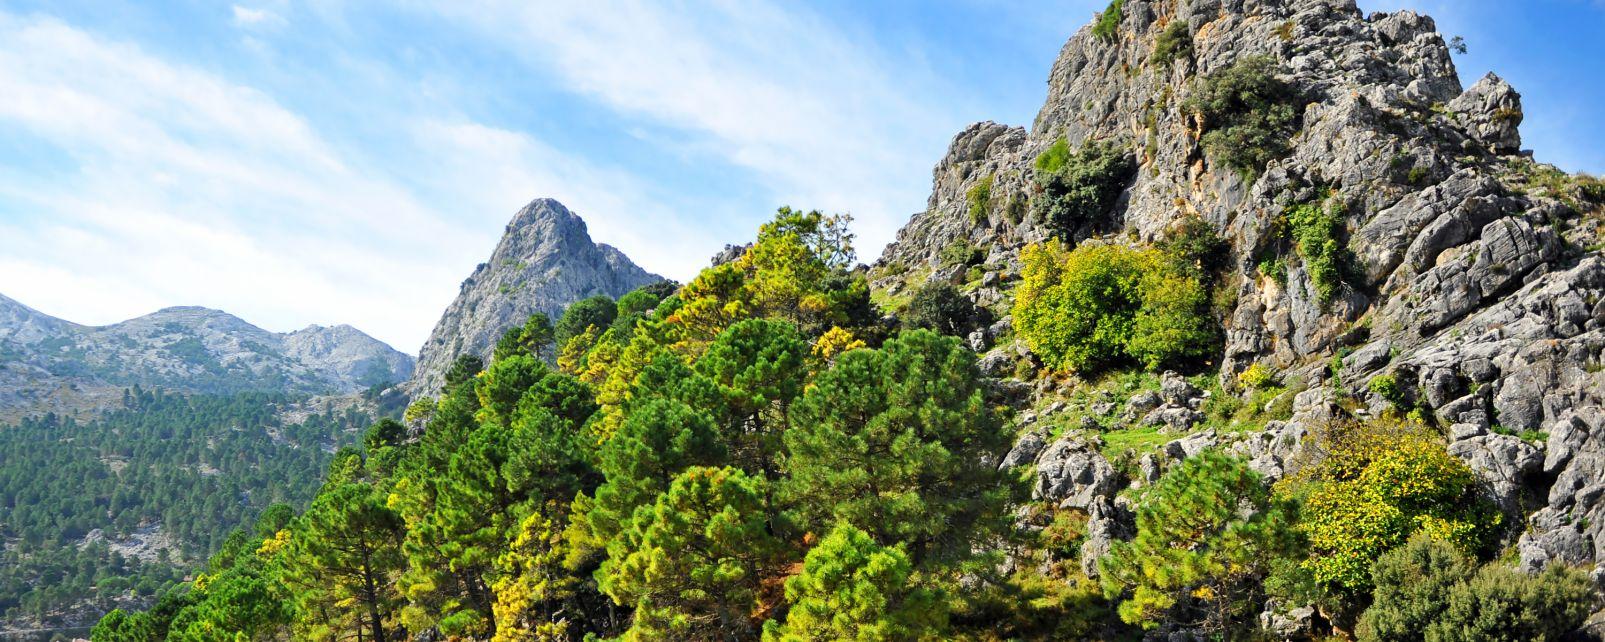 Sierra de Grazalema, Les paysages, Huelva, Andalousie